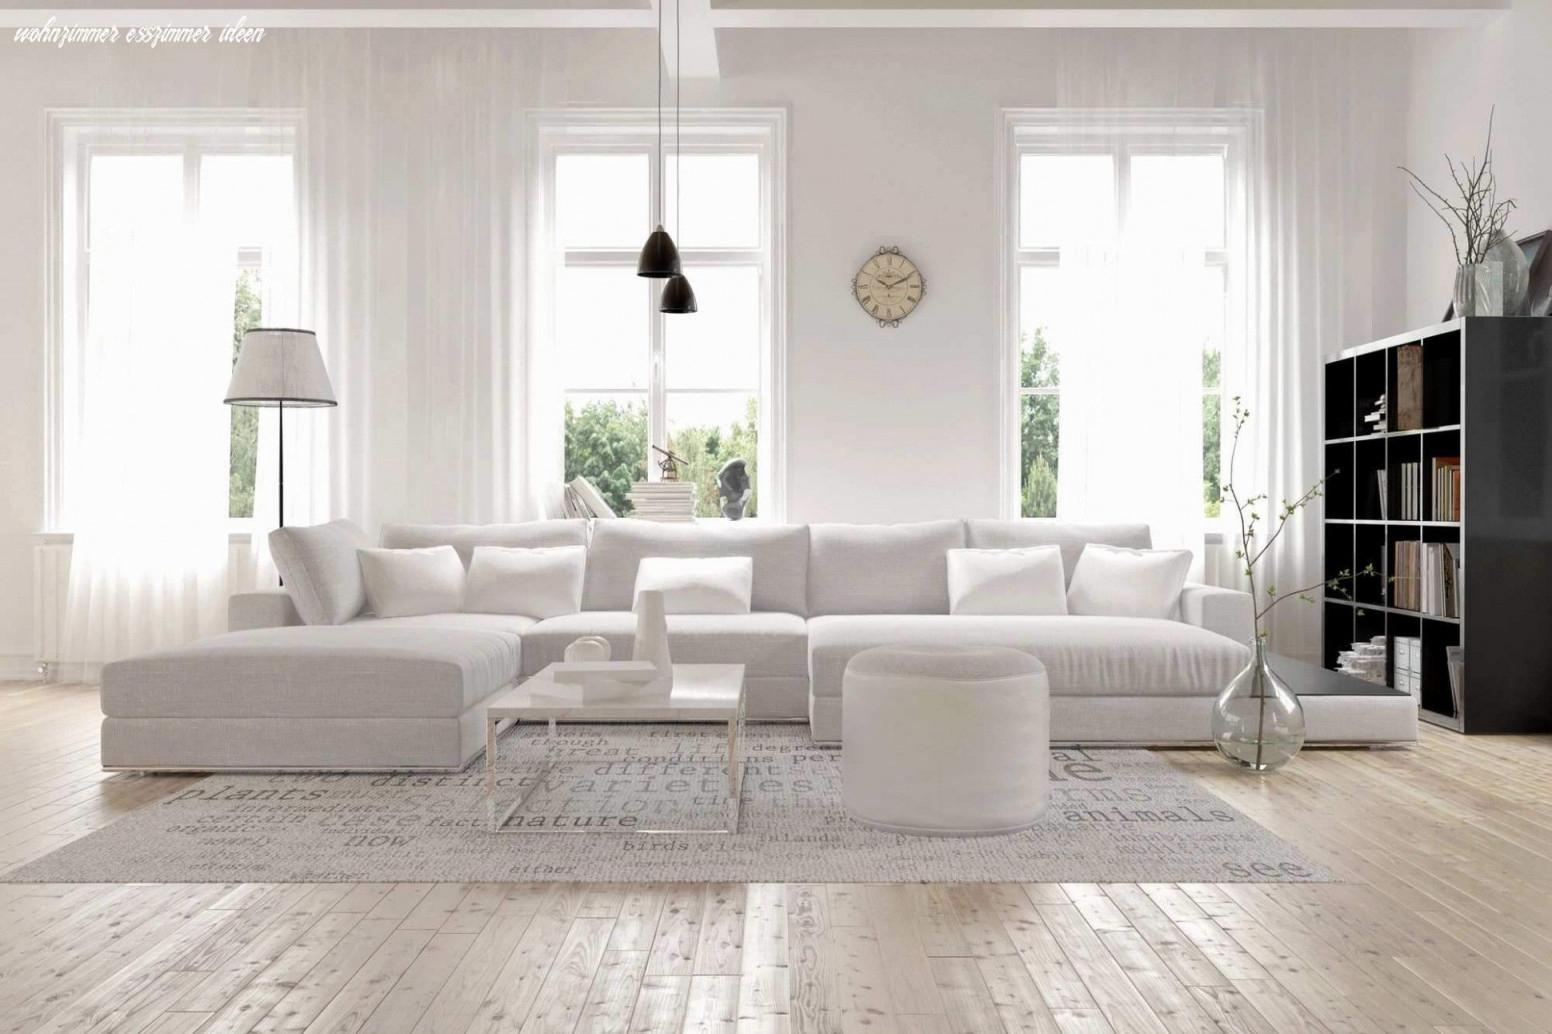 Der Günstigste Weg Um Ihre Freikarte Für Wohnzimmer von Wohnzimmer Esszimmer Ideen Bild